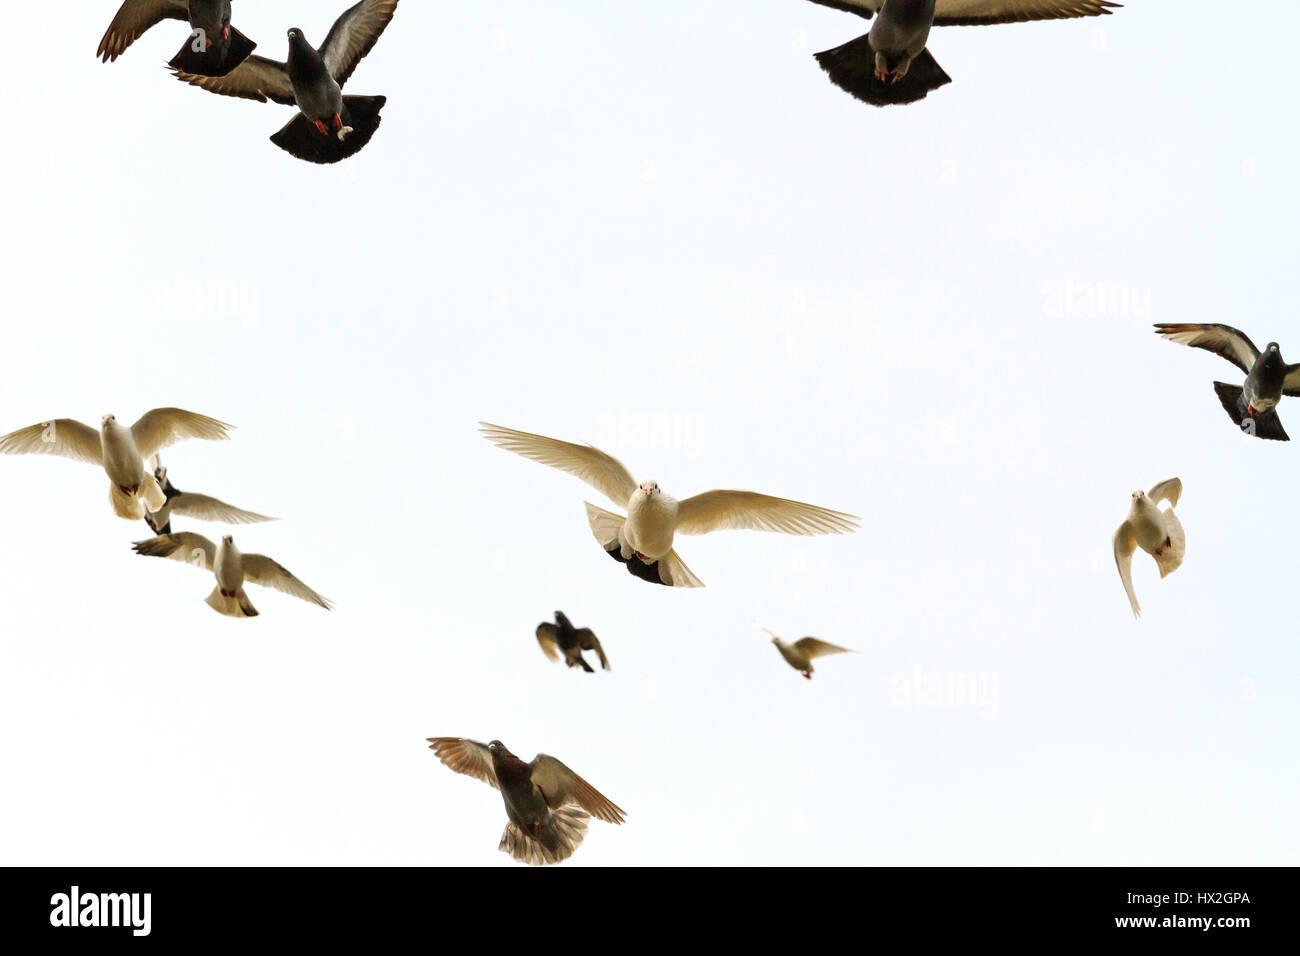 Bandada De Palomas Volando En La Frente Luz Entrega De Correo La